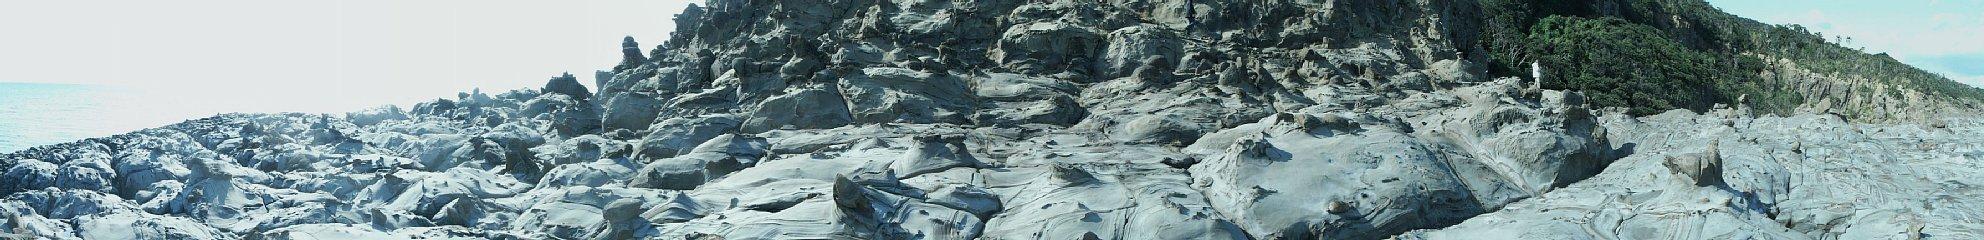 udozaki_panorama.jpg